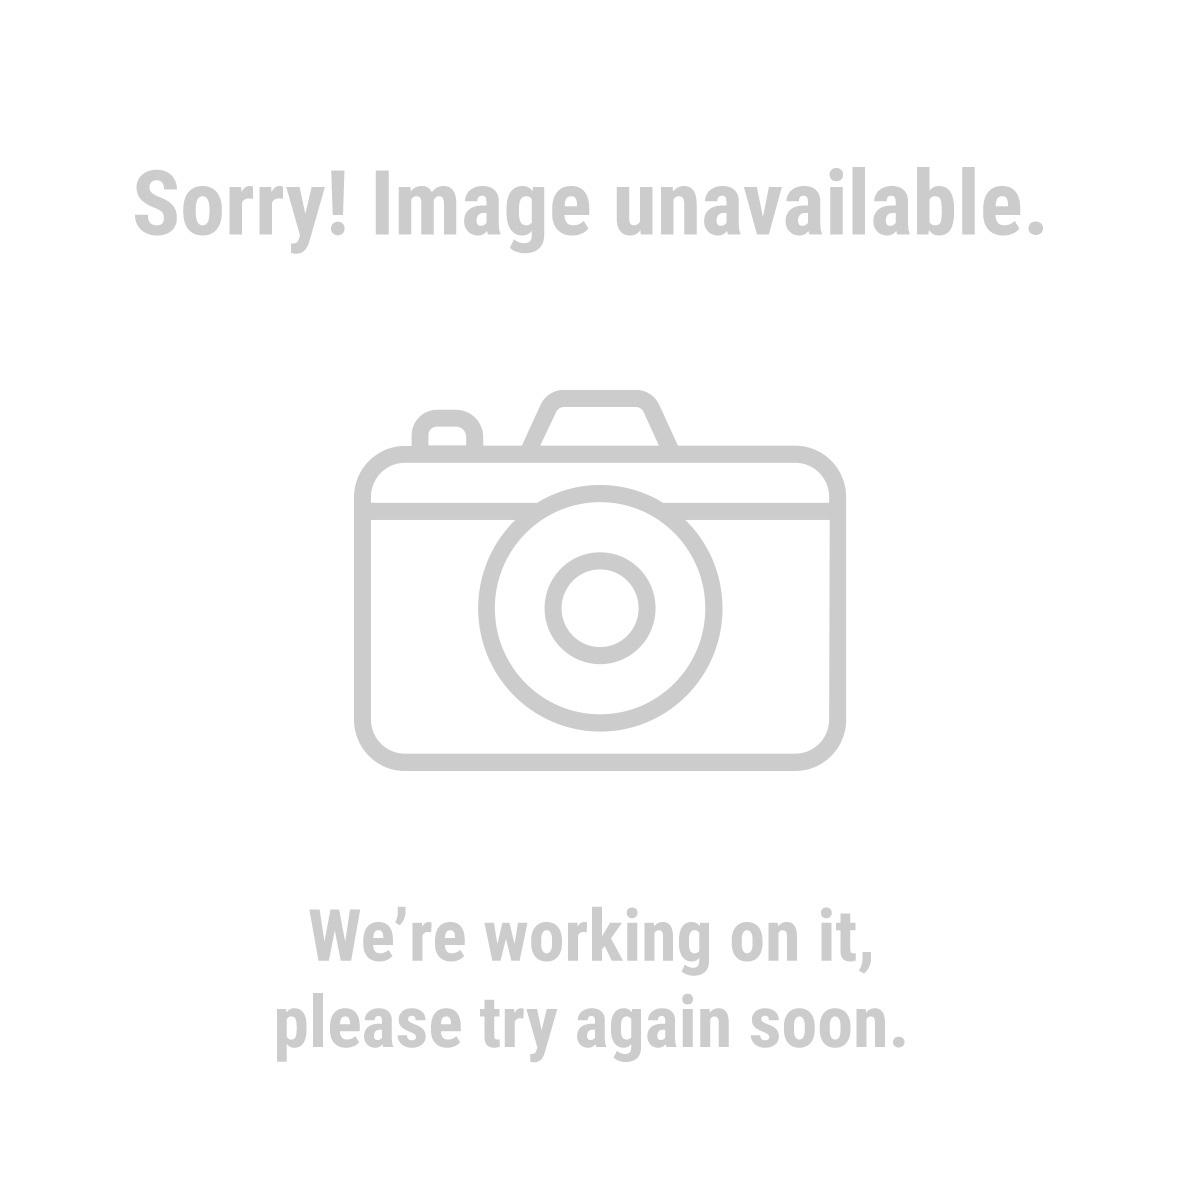 Haul-Master 60333 1200 Lb. Capacity Convertible Aluminum Loading Ramp